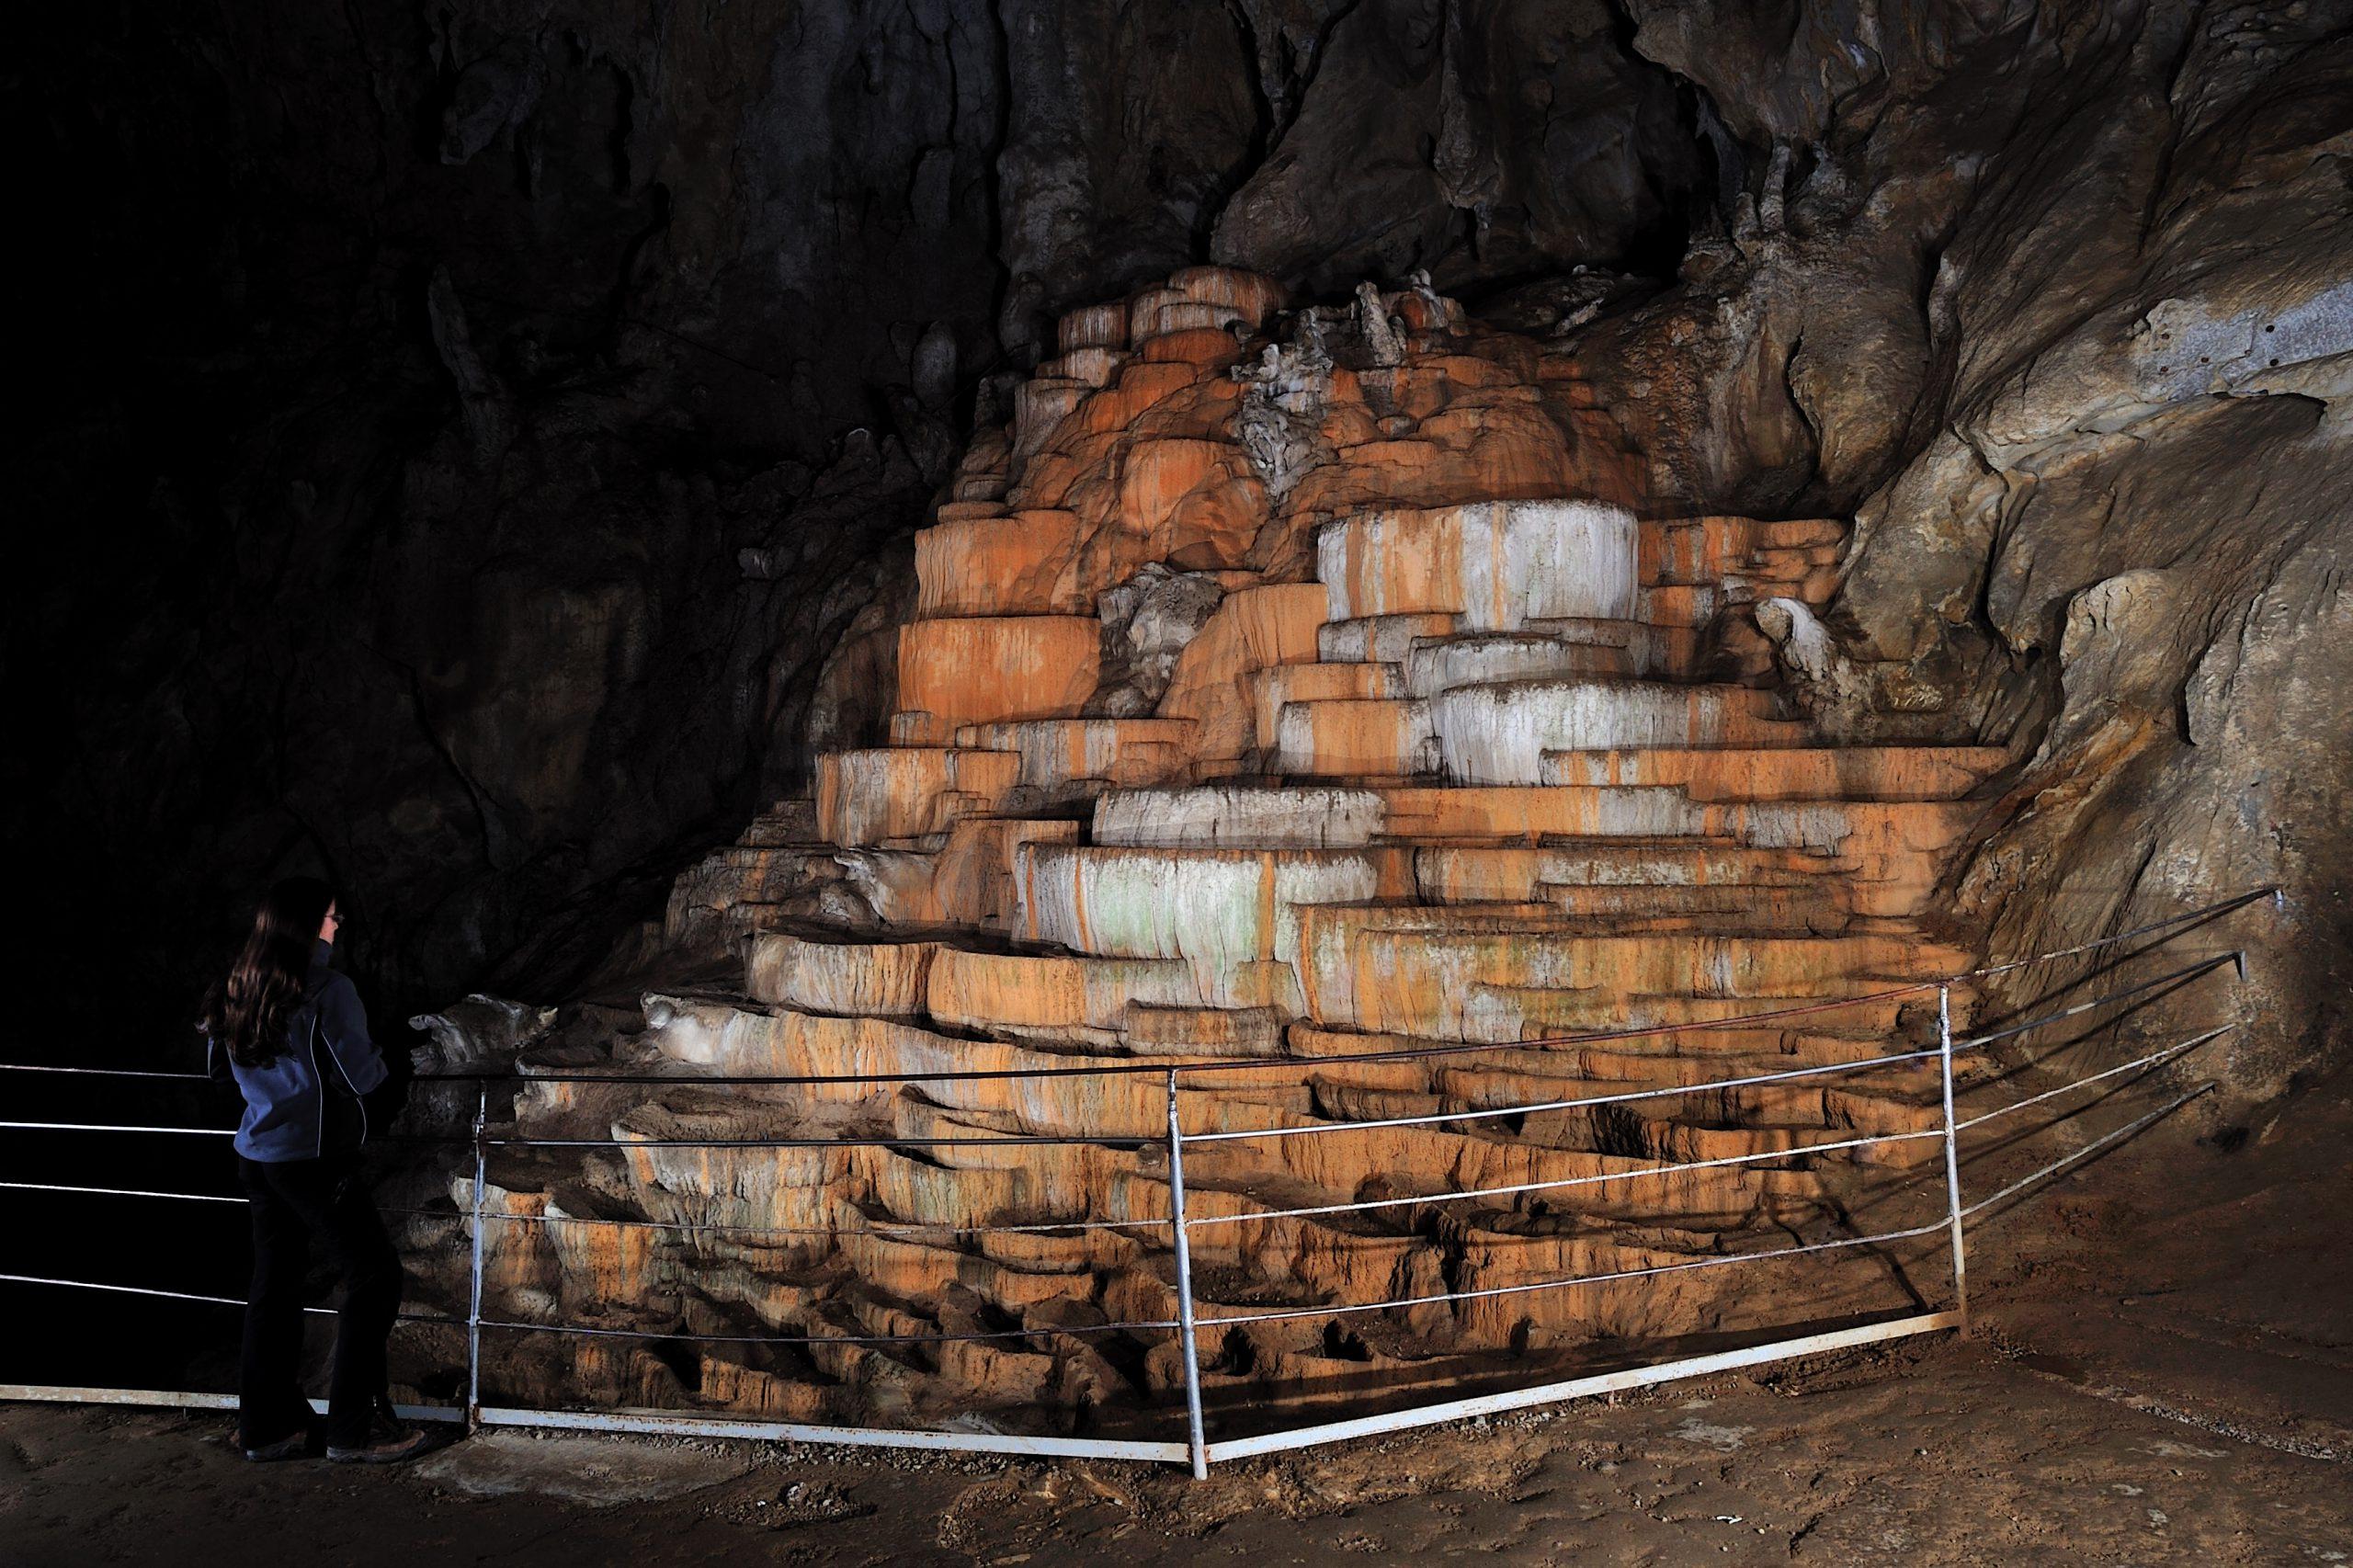 ein tolles Erlebnis während der Radtour - ein Besuch der Höhlen von Postojna